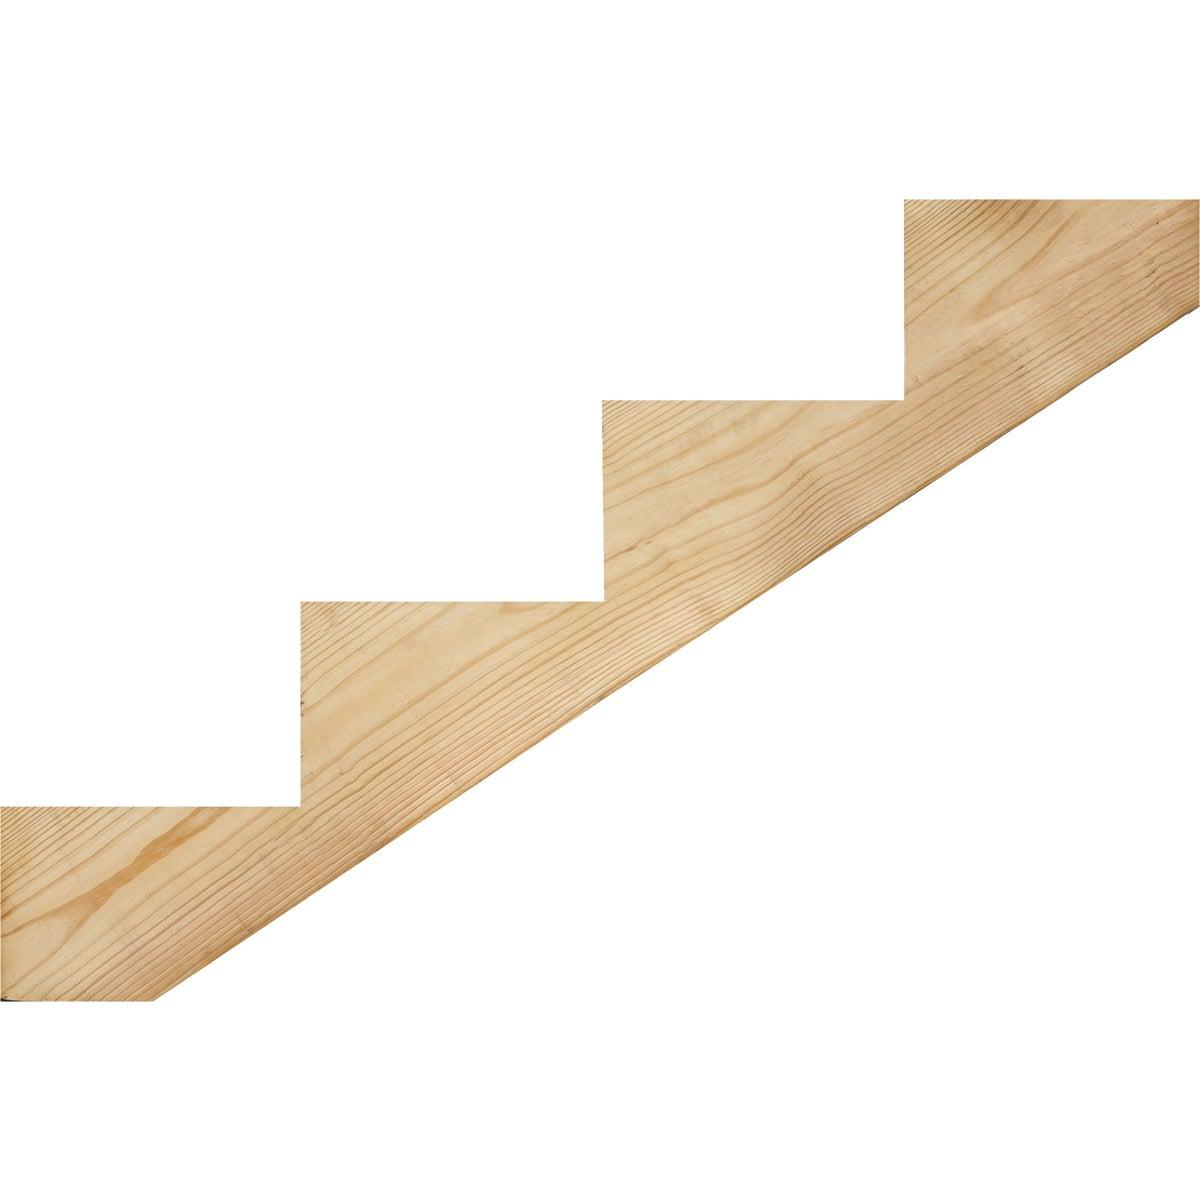 Treated 4-Step Stringer